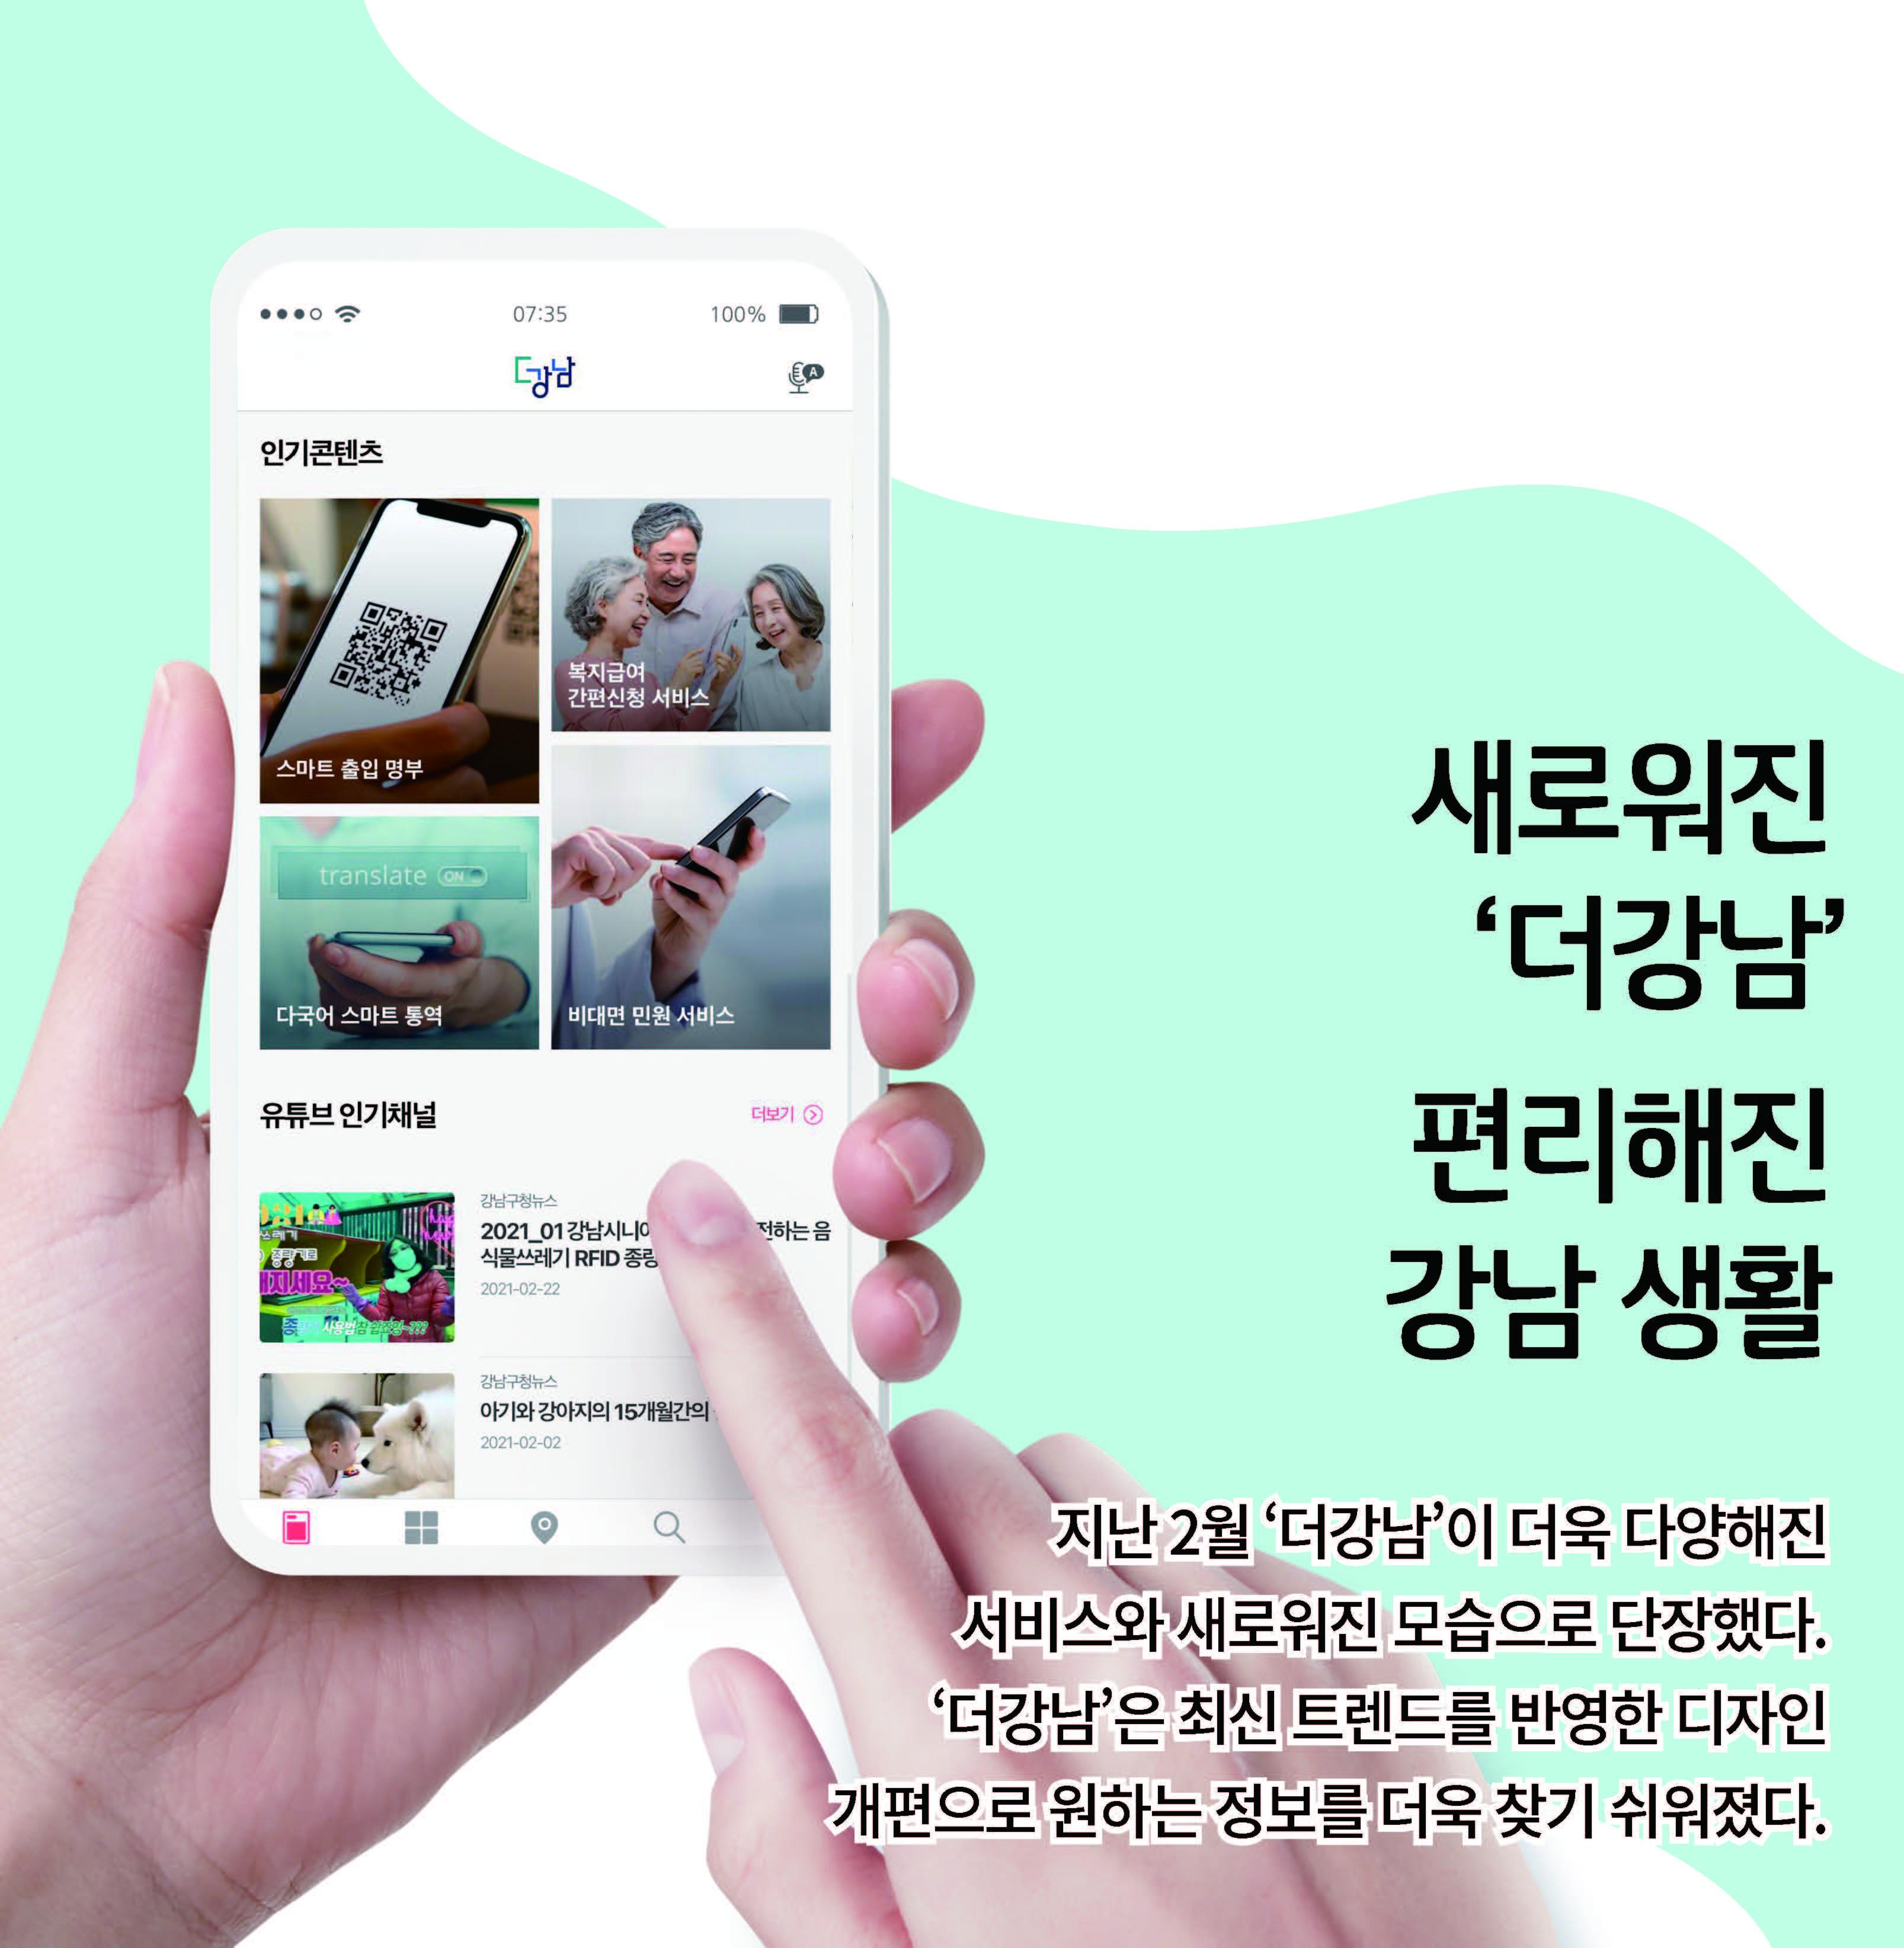 새로워진'더강남'편리해진 강남 생활 지난 2월 '더강남'이 더욱 다양해진 서비스와 새로워진 모습으로 단장했다. '더강남'은 최신 트렌드를 반영한 디자인 개편으로 원하는 정보를 더욱 찾기 쉬워졌다.